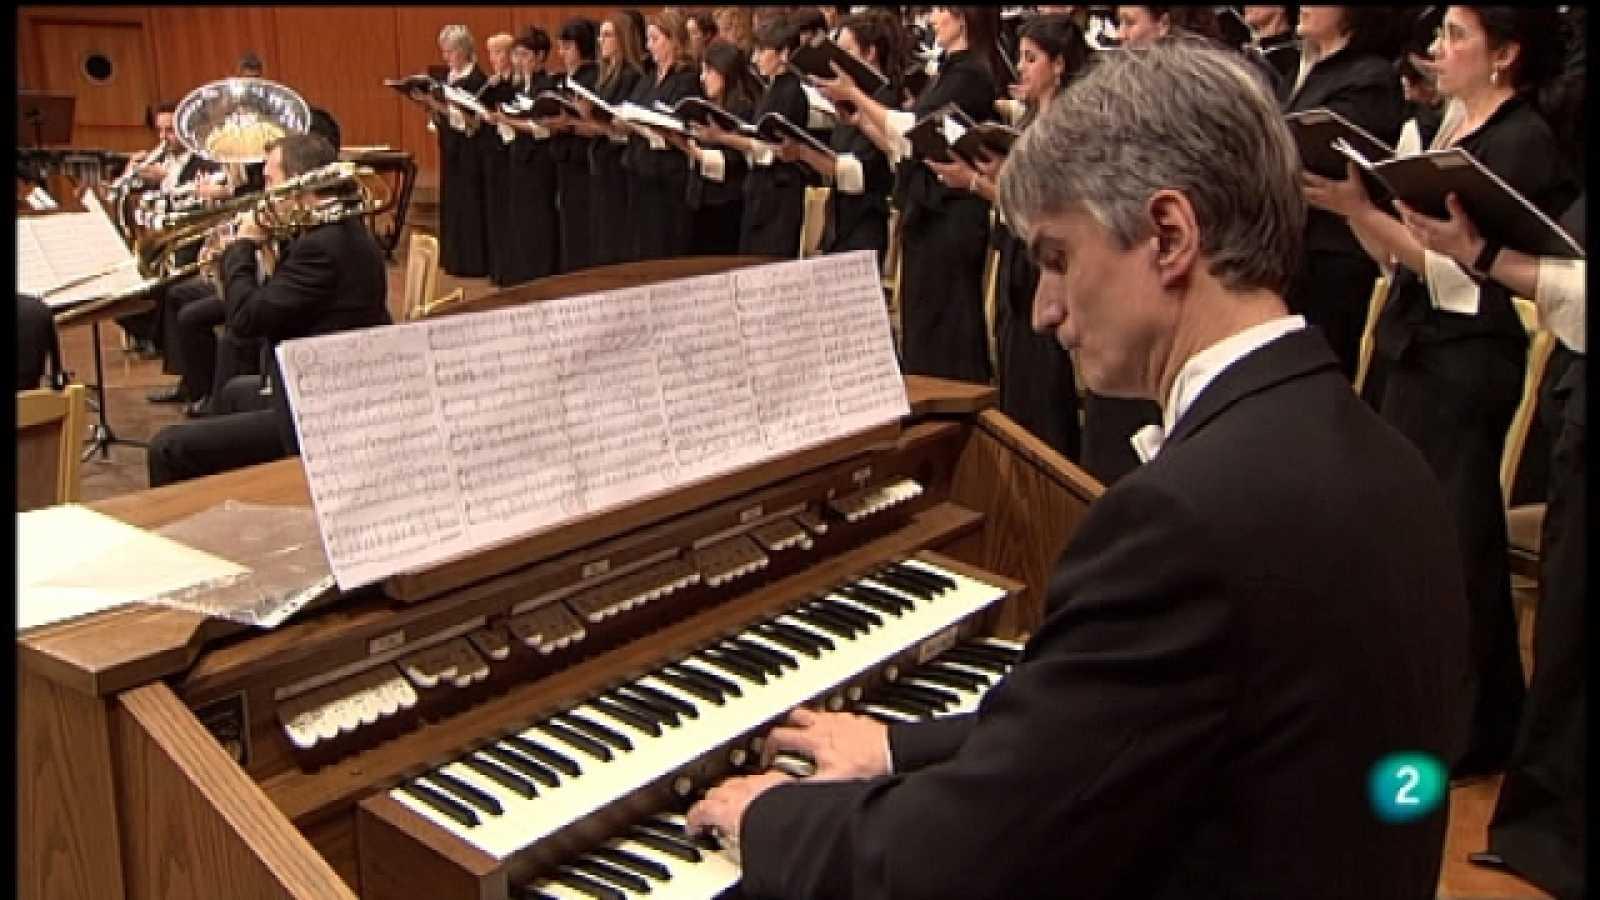 Los conciertos de La 2 - Concierto nº 4 del IX ciclo de Música Coral (1ª parte) - Ver ahora